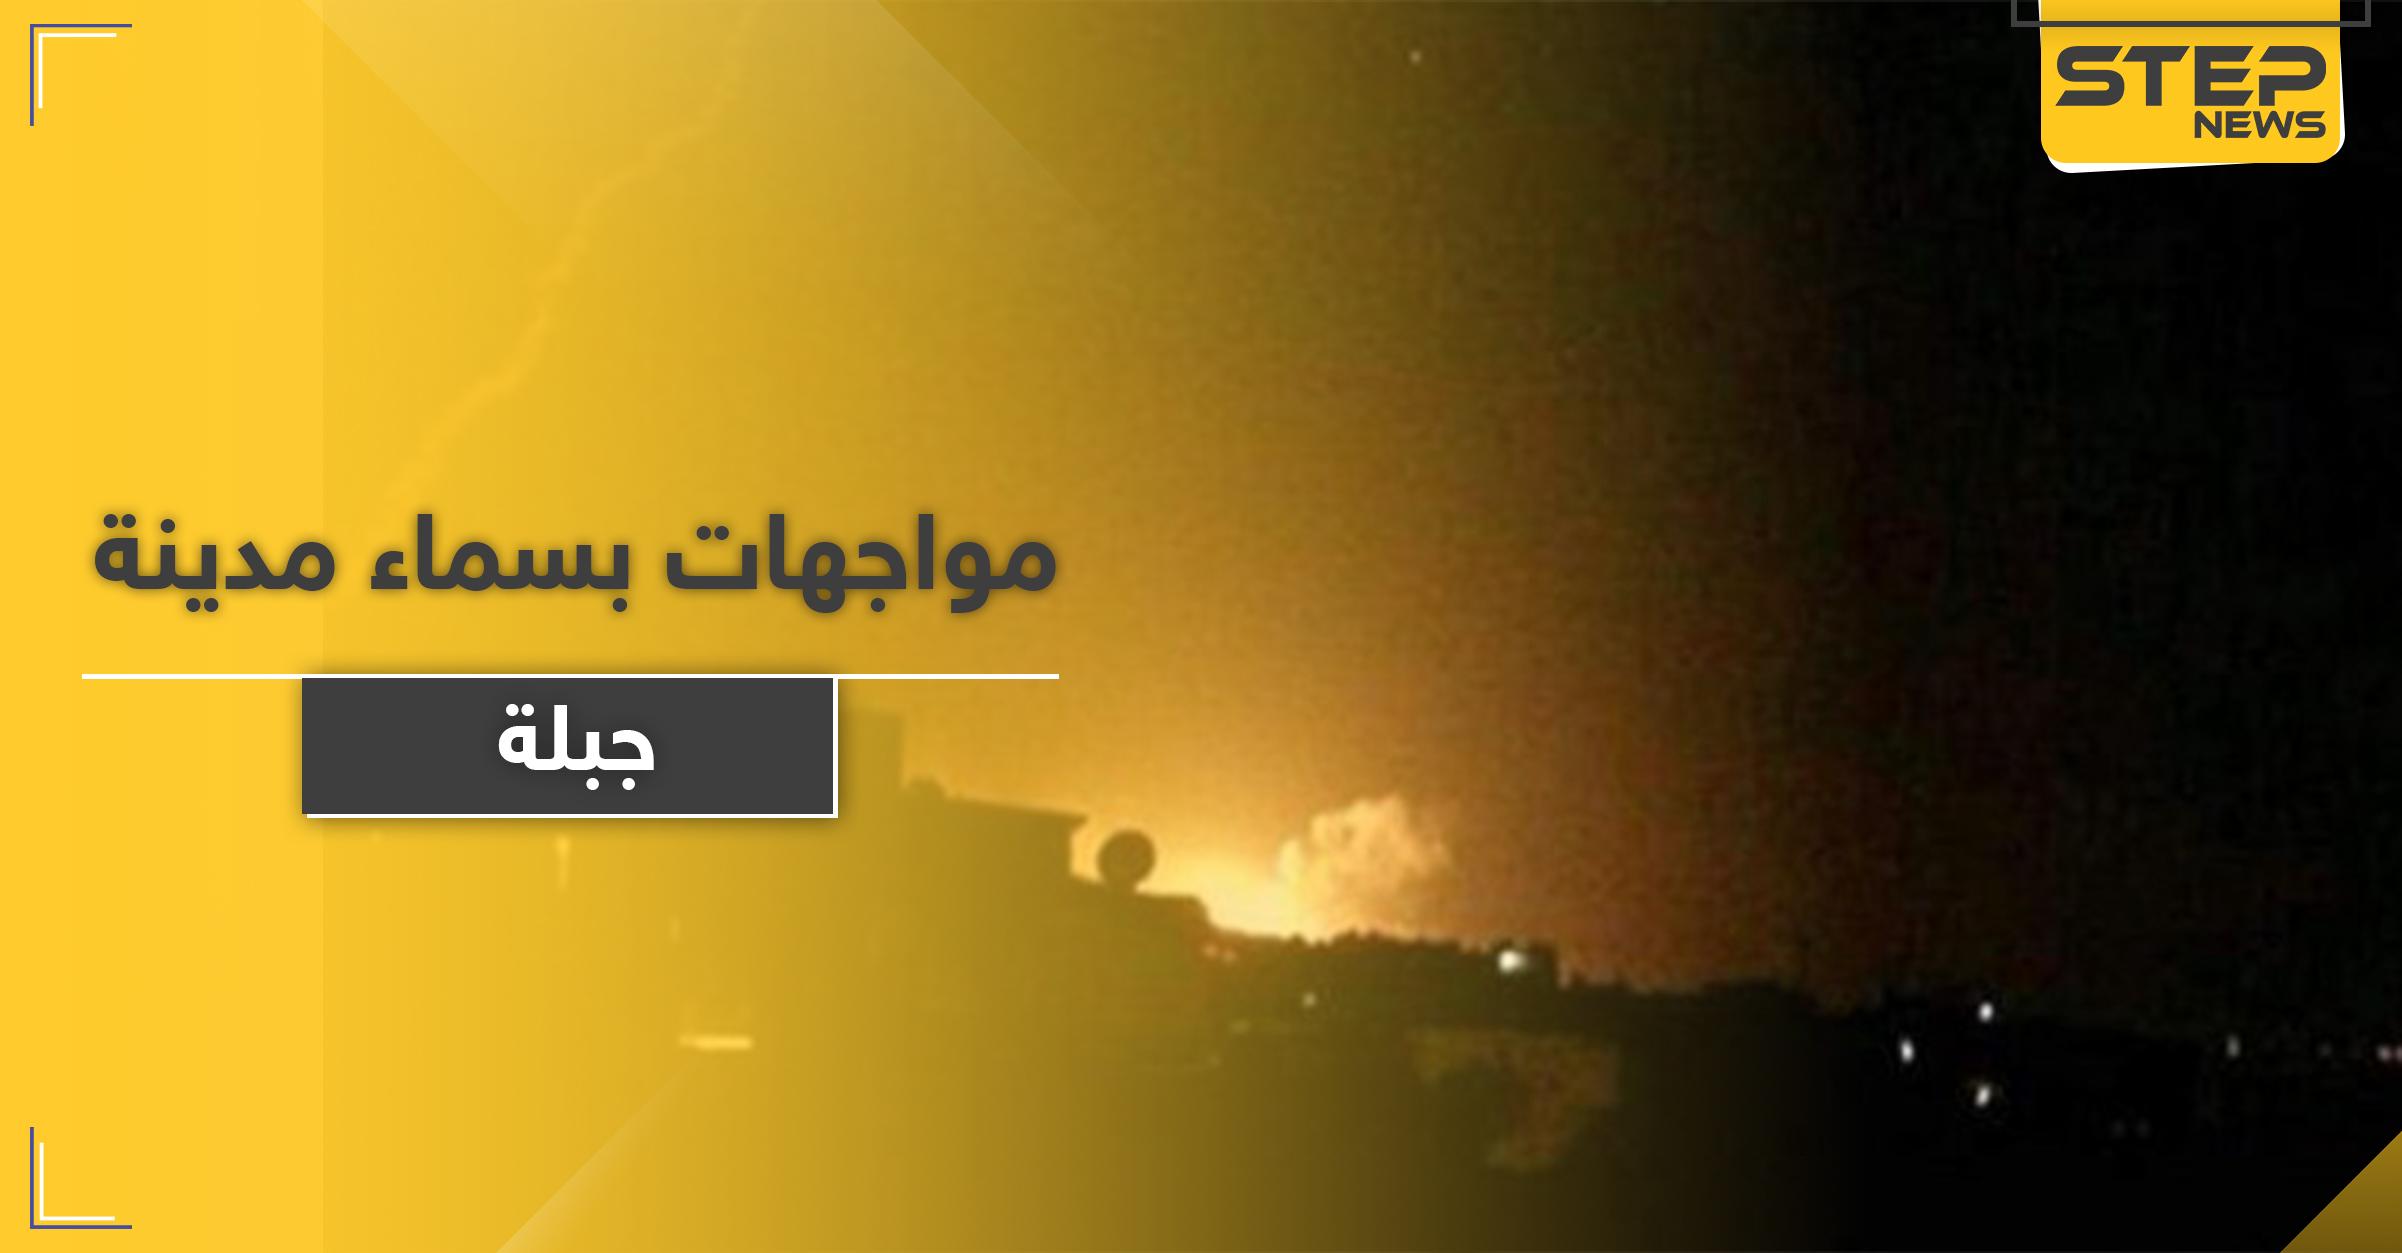 """سماء مدينة جبلة تحول ليلها لنهار ليلة أمس.. والنظام السوري يتحدث عن أهداف """"معادية"""""""